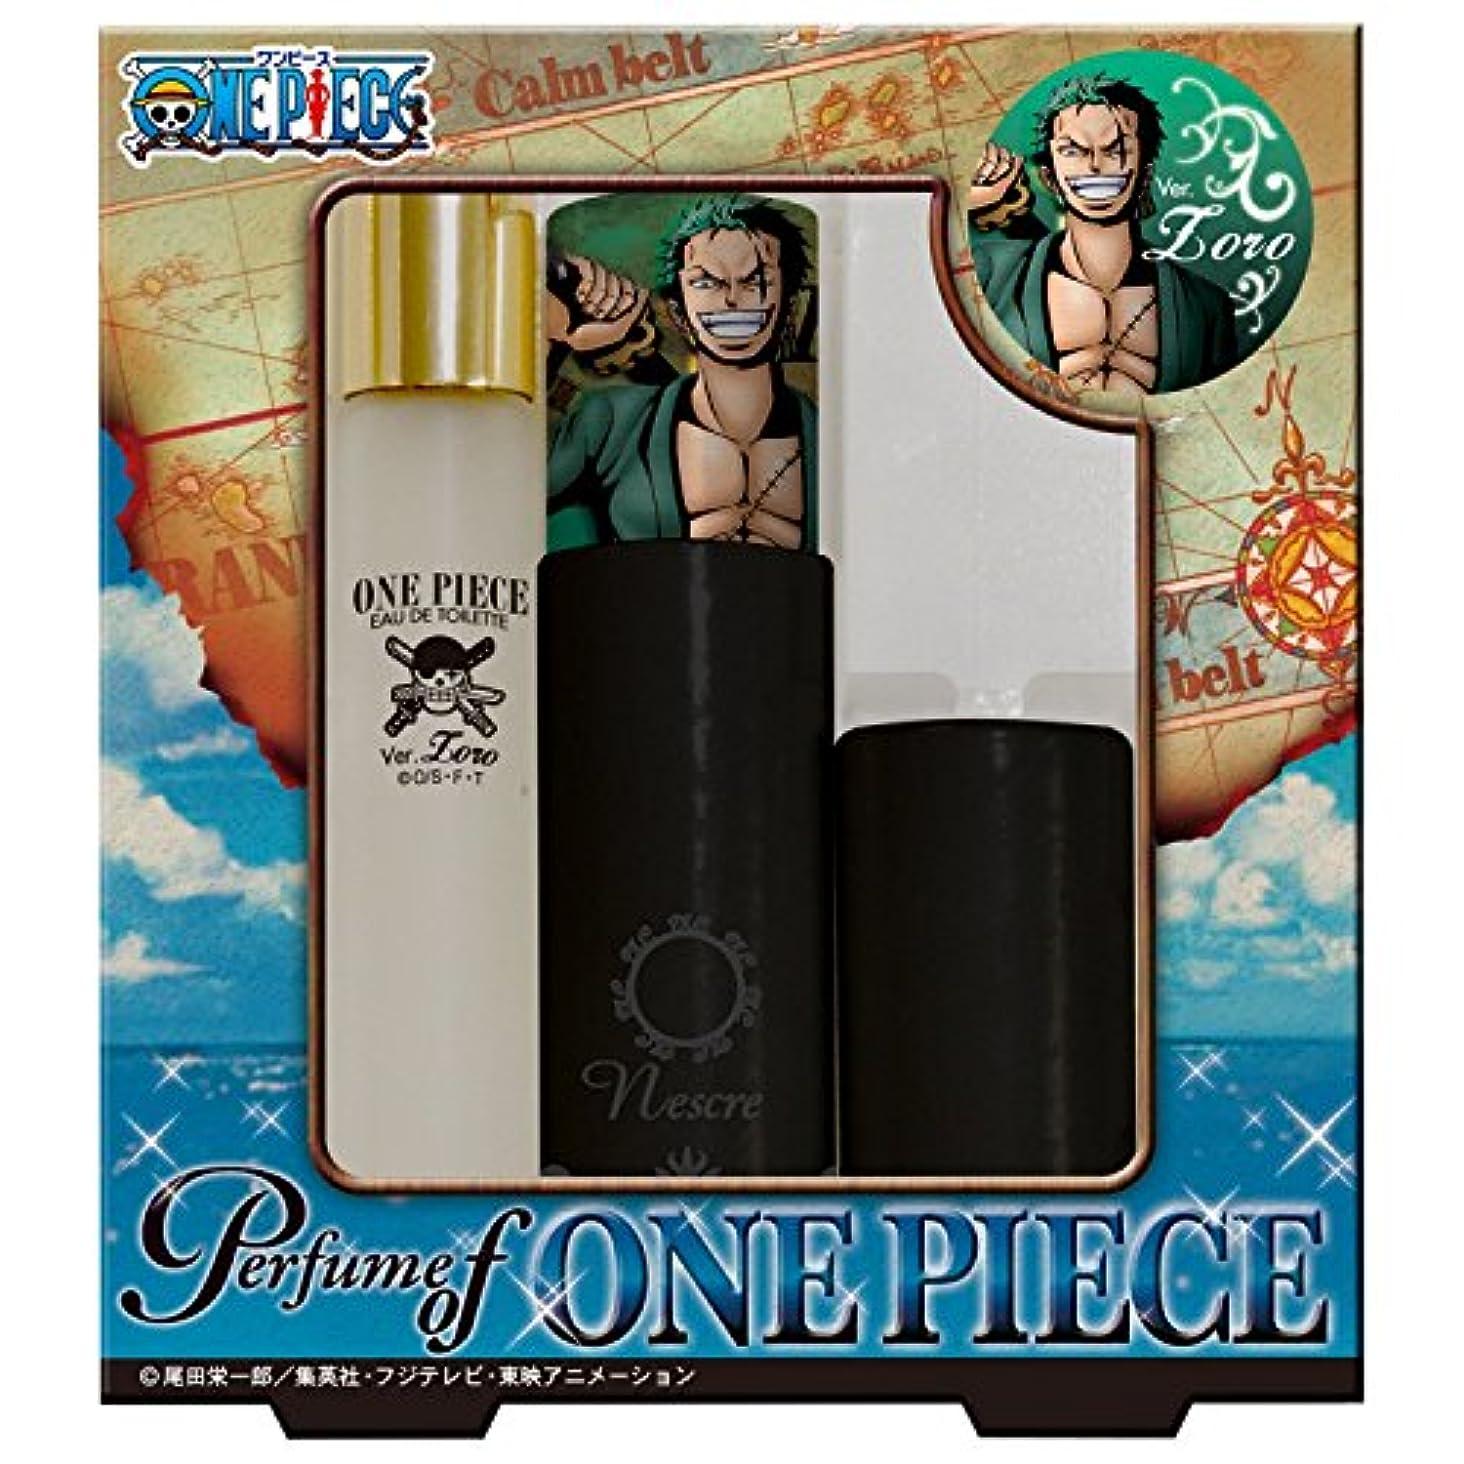 NESCRE Perfume of ONEPIECE Ver.Zoro 15mL 専用バッグインケース付 日本製